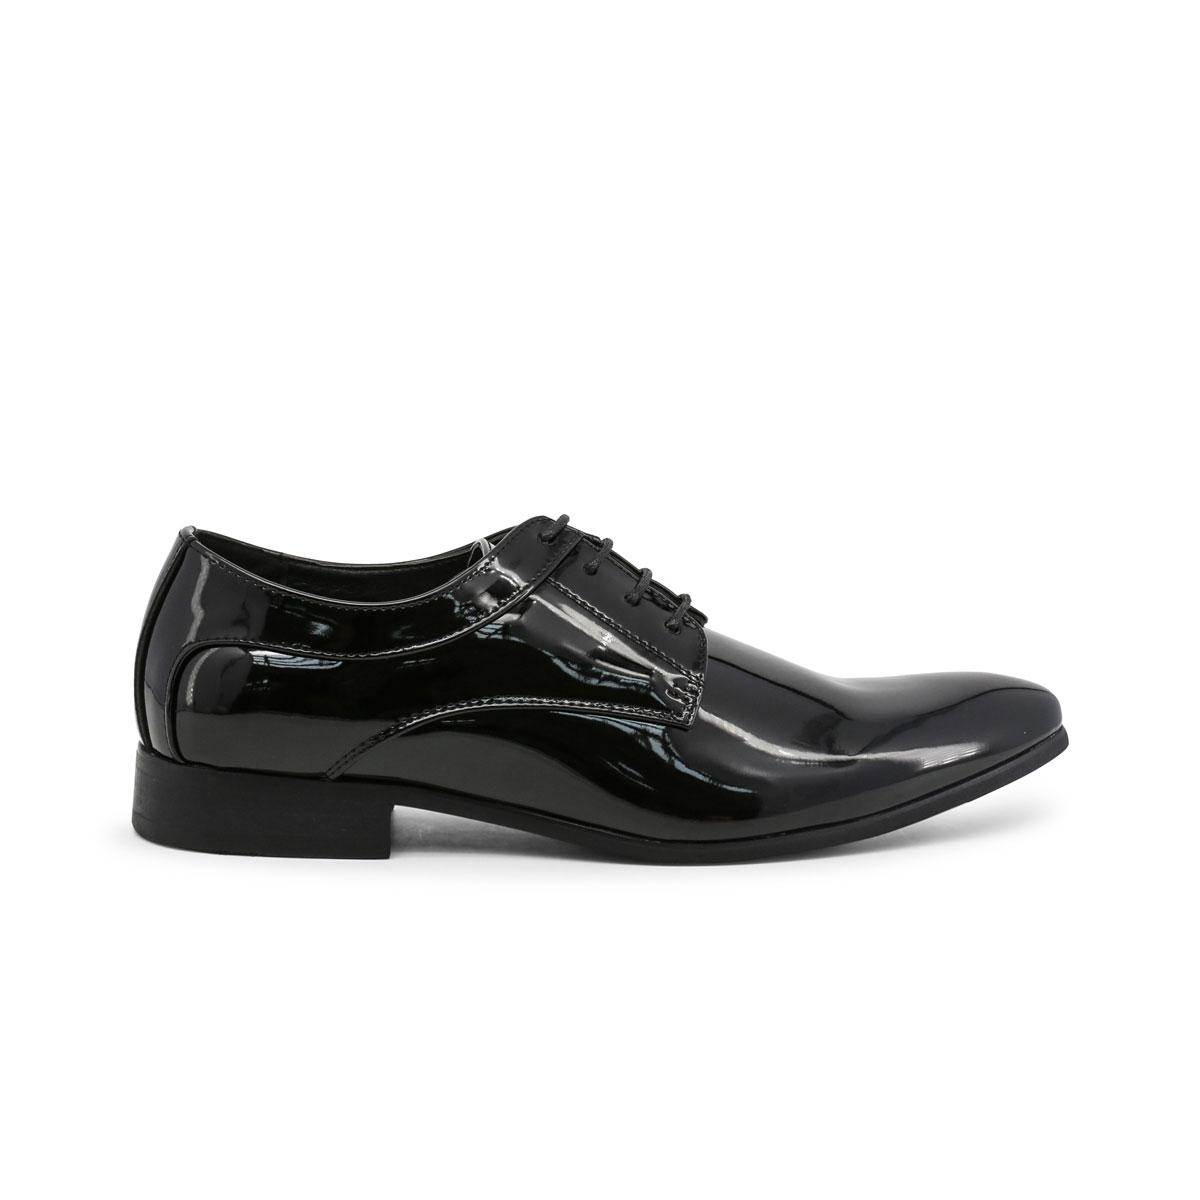 Scarpe-stringate-Duca-di-Morrone-GEORGE-Uomo-Nero-82358 miniatura 2